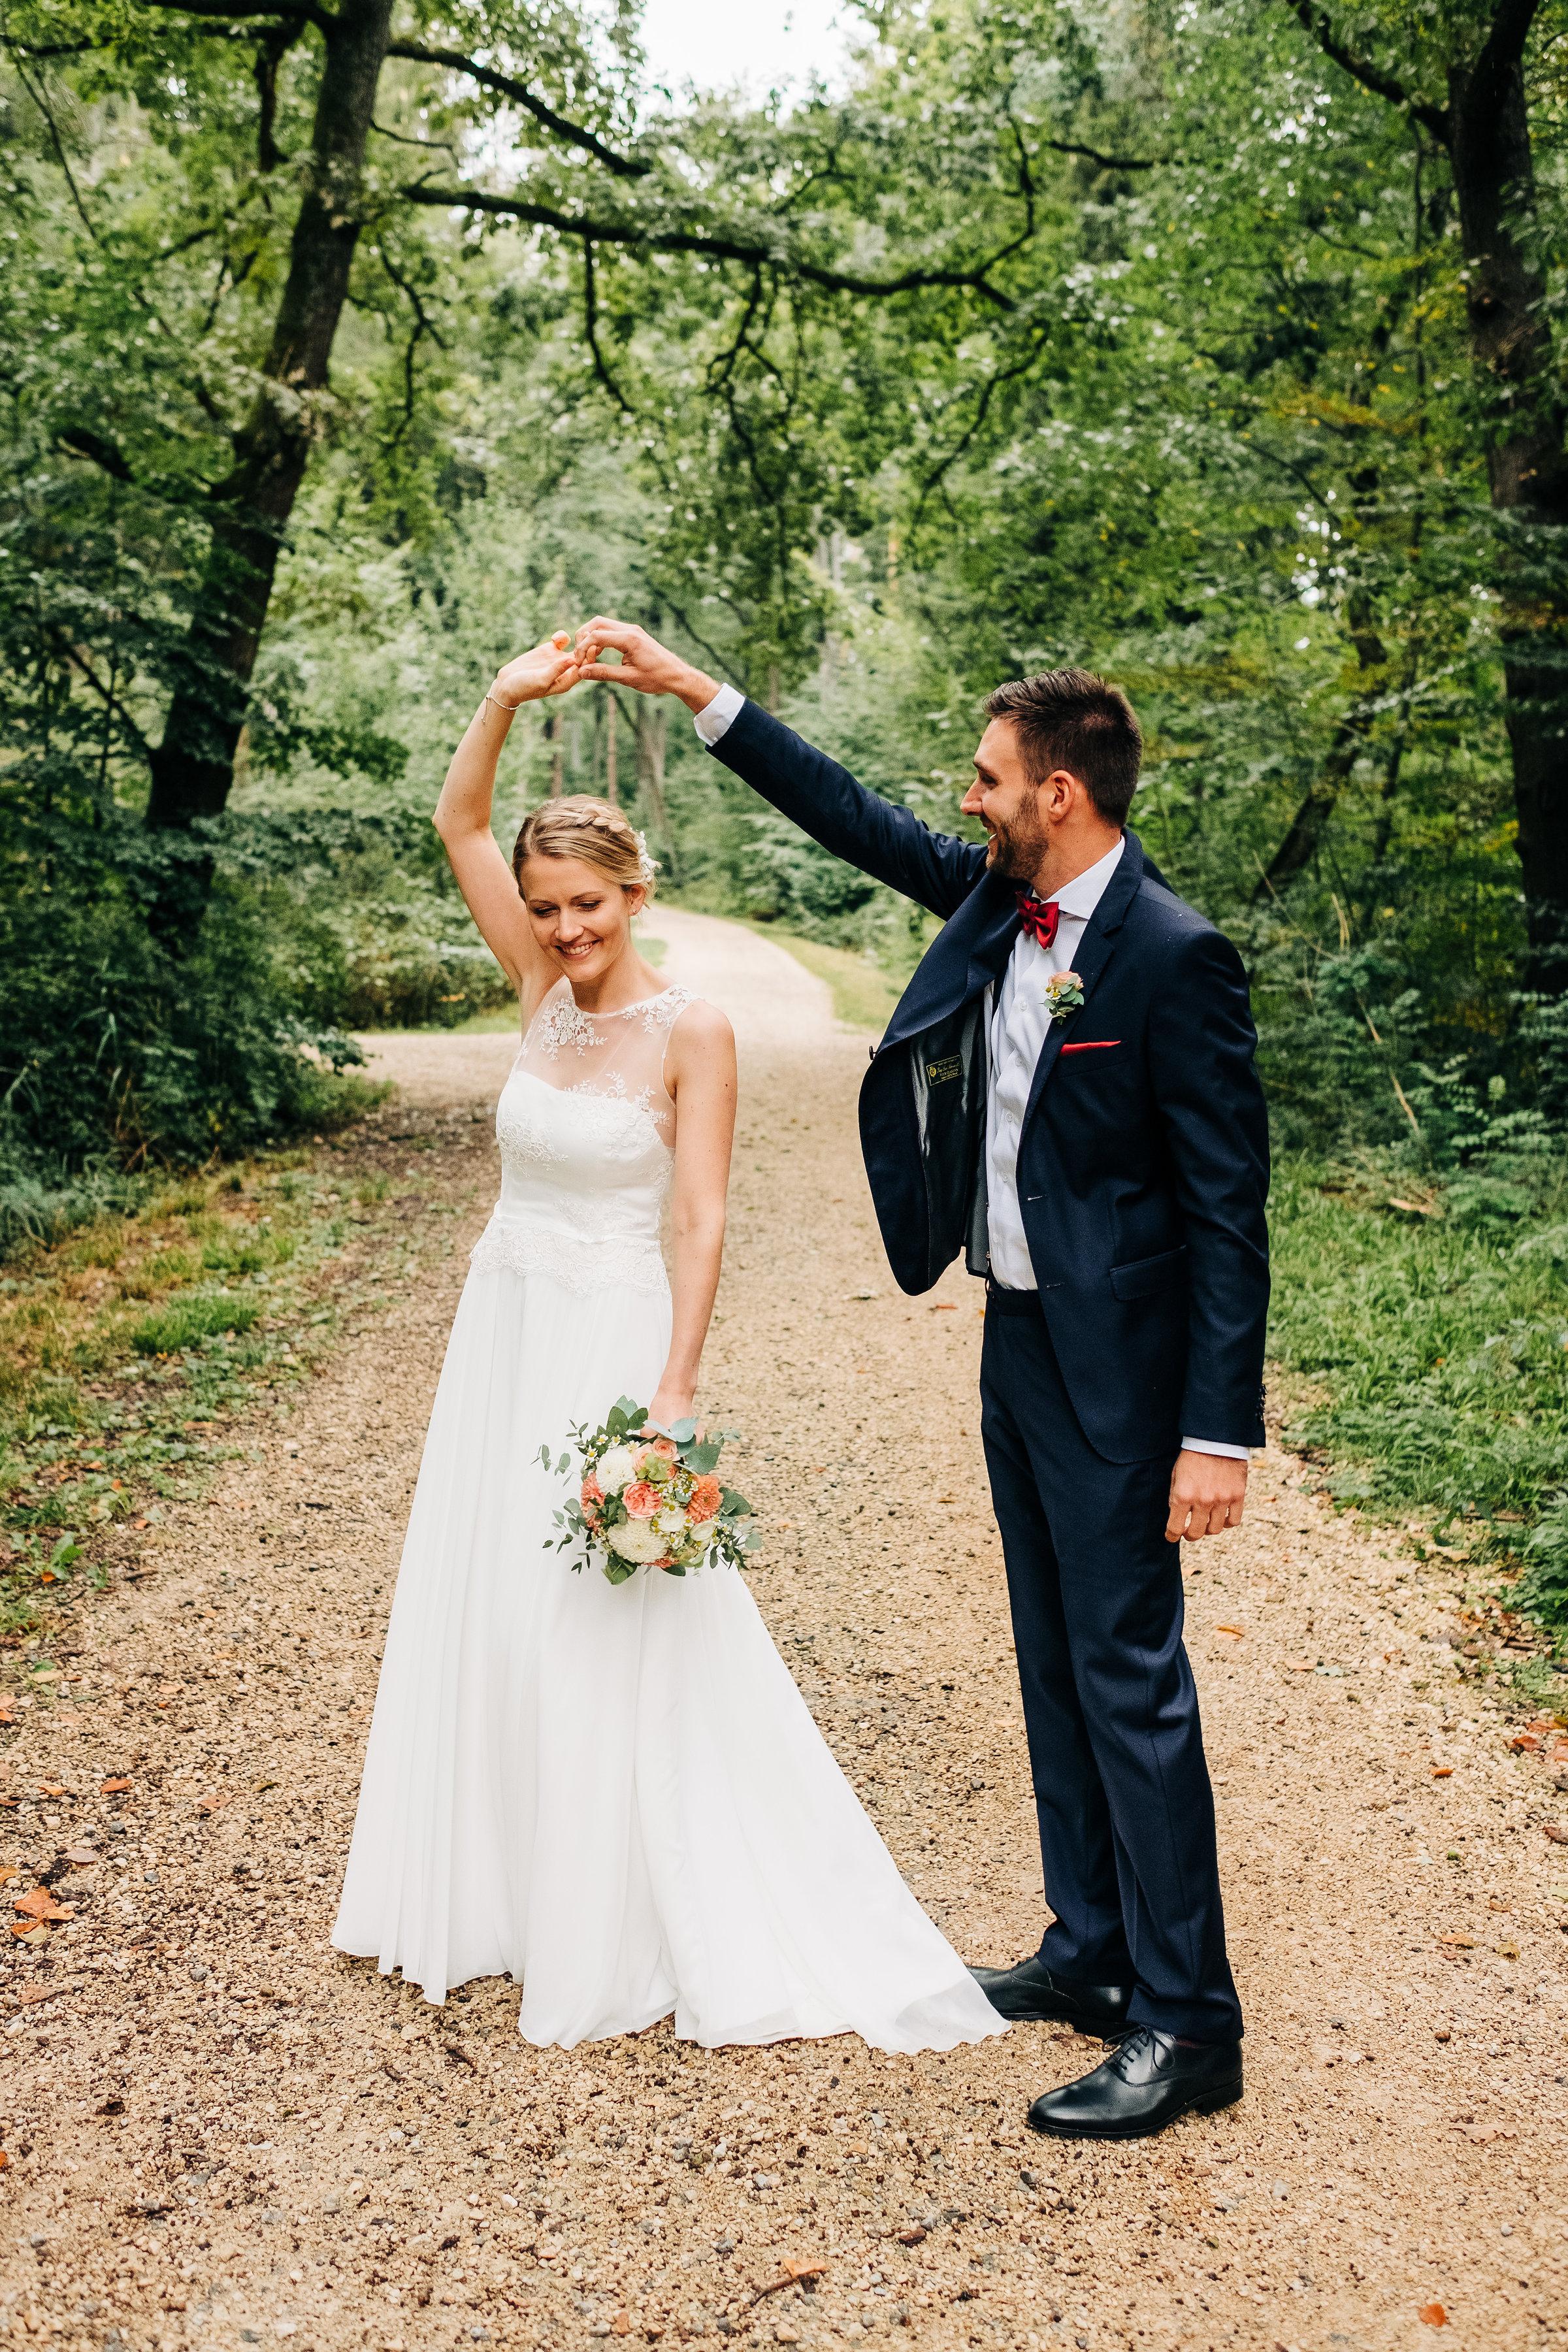 Anna-Hari-Photography-Hochzeitsfotografie-U&H-235.jpg